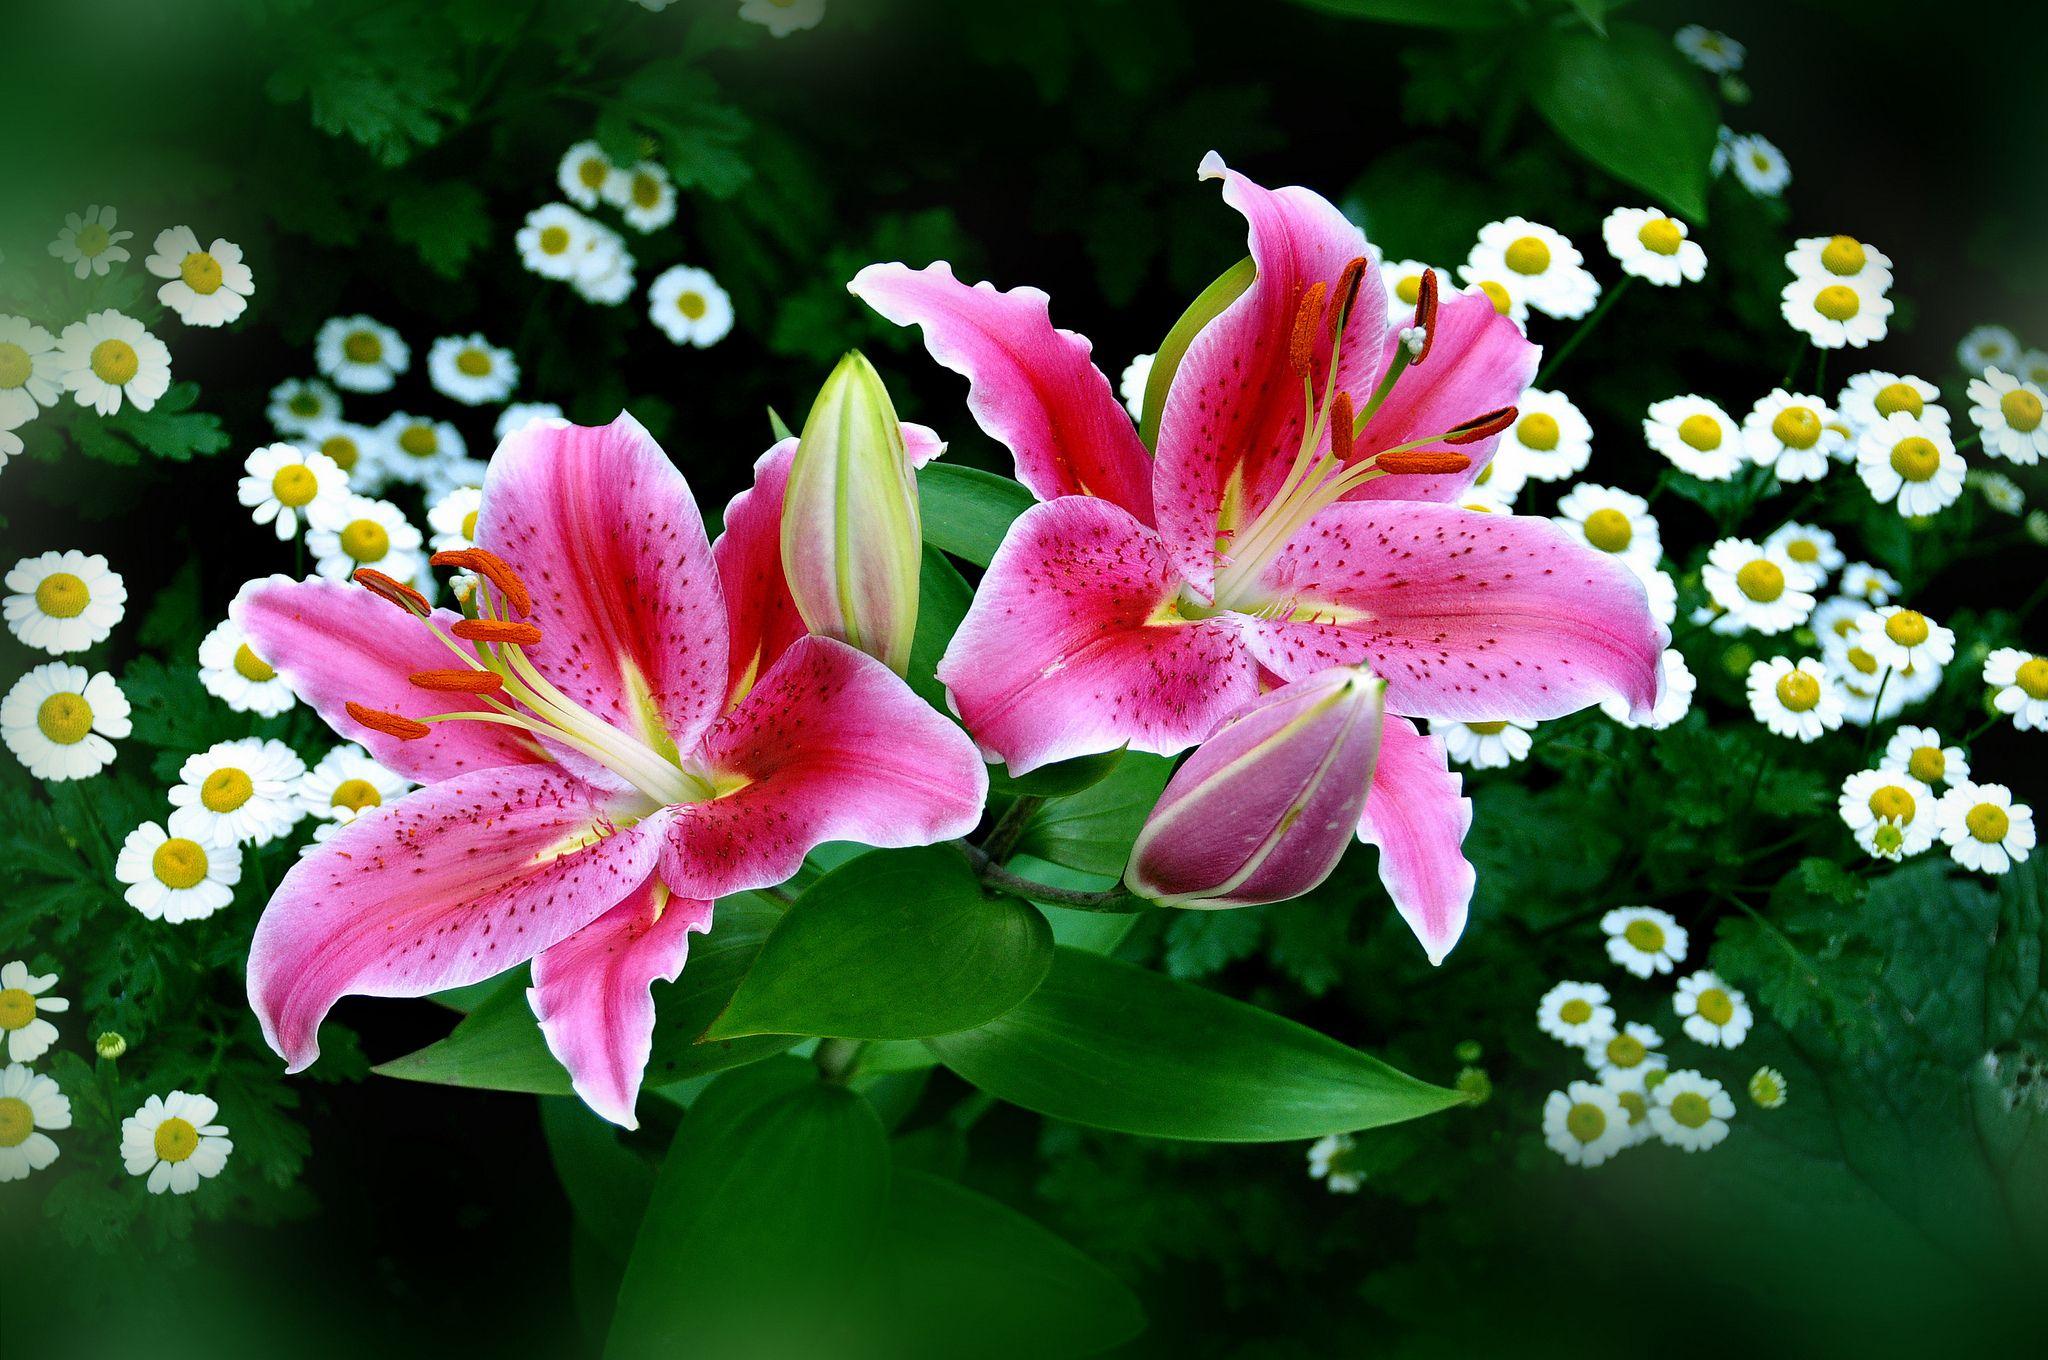 spring-easter-lilies-319660.jpg 2,048×1,360 pixels